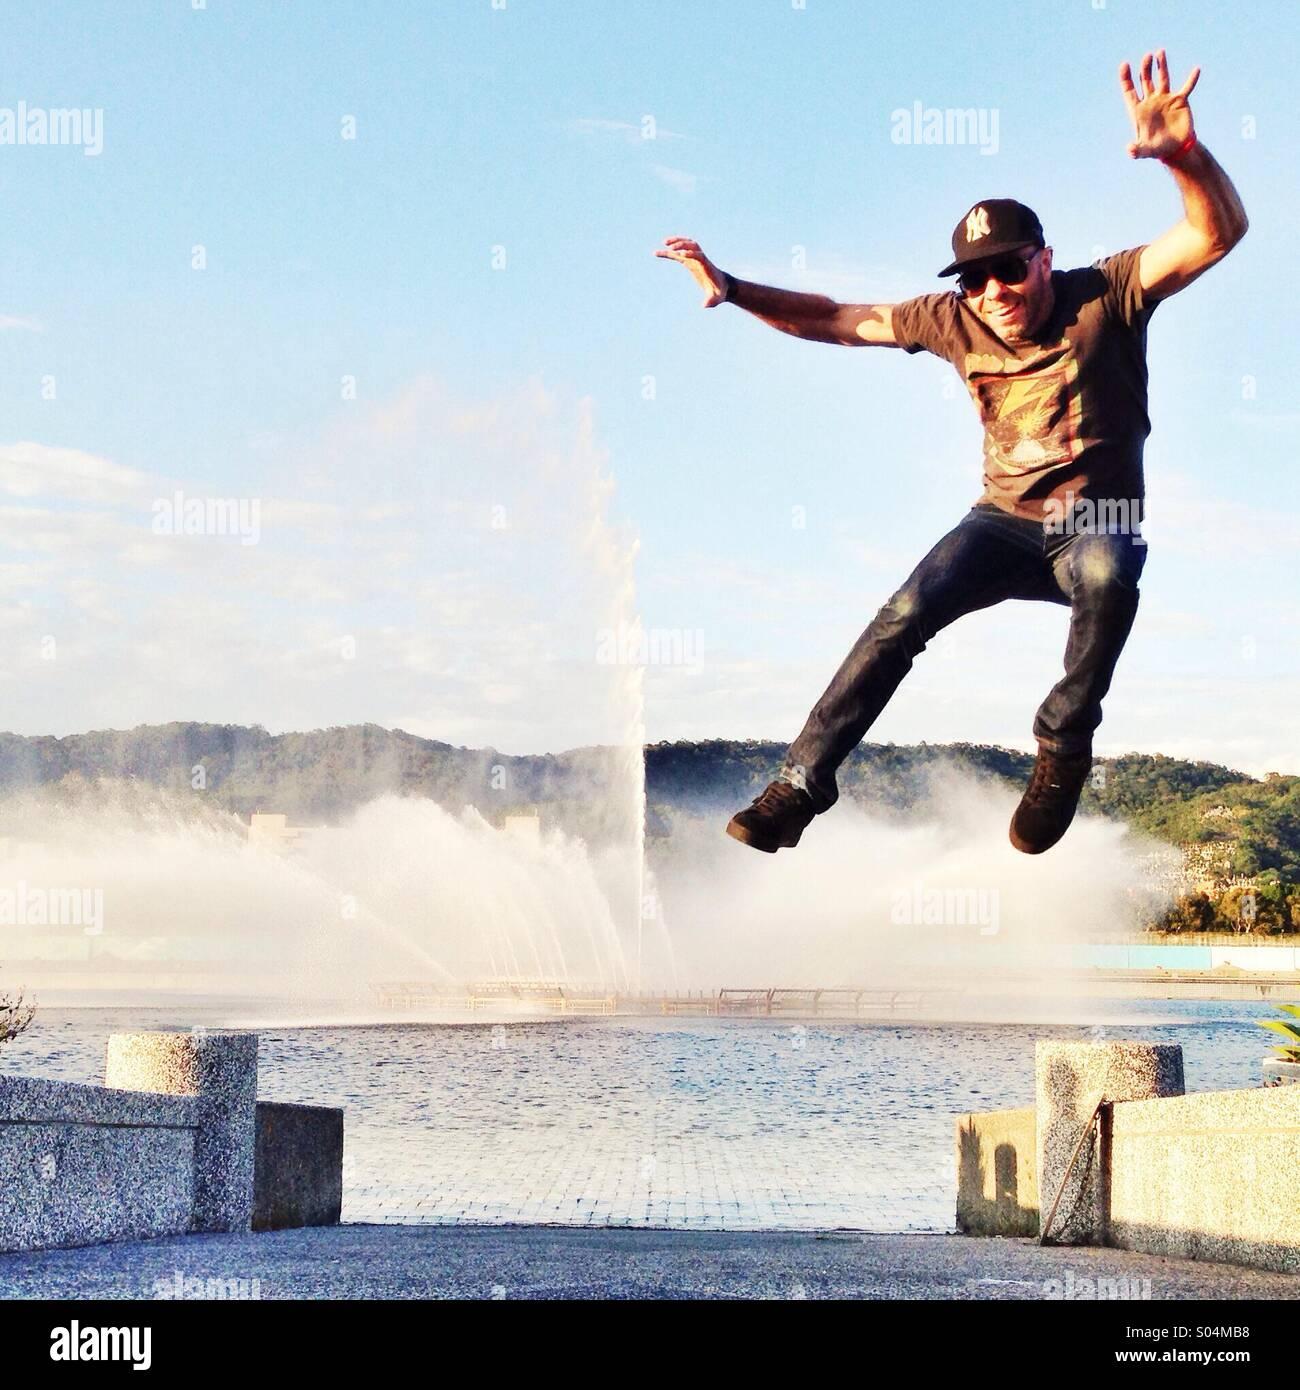 Jumping in Taipei Taiwan lake fountain. - Stock Image